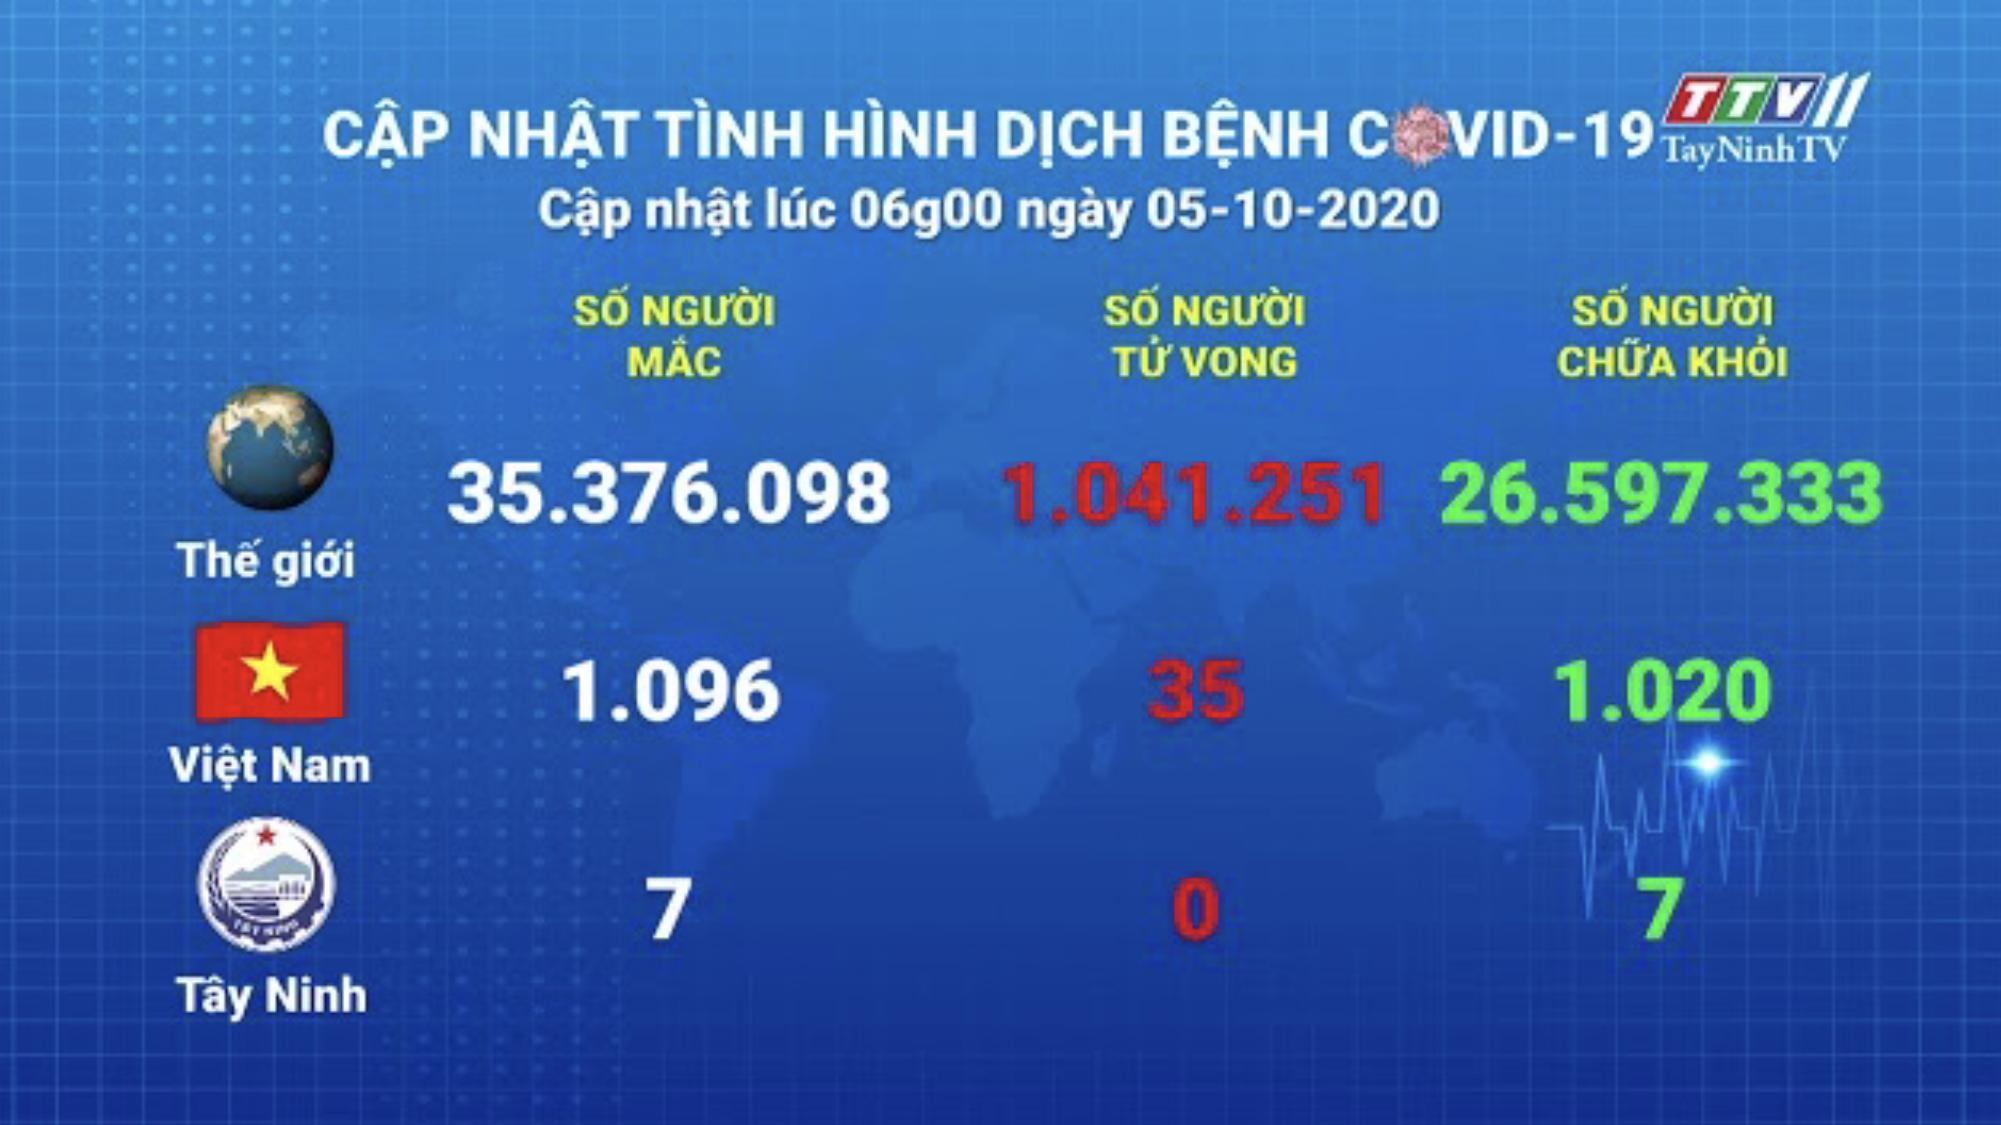 Cập nhật tình hình Covid-19 vào lúc 06 giờ 05-10-2020 | Thông tin dịch Covid-19 | TayNinhTV